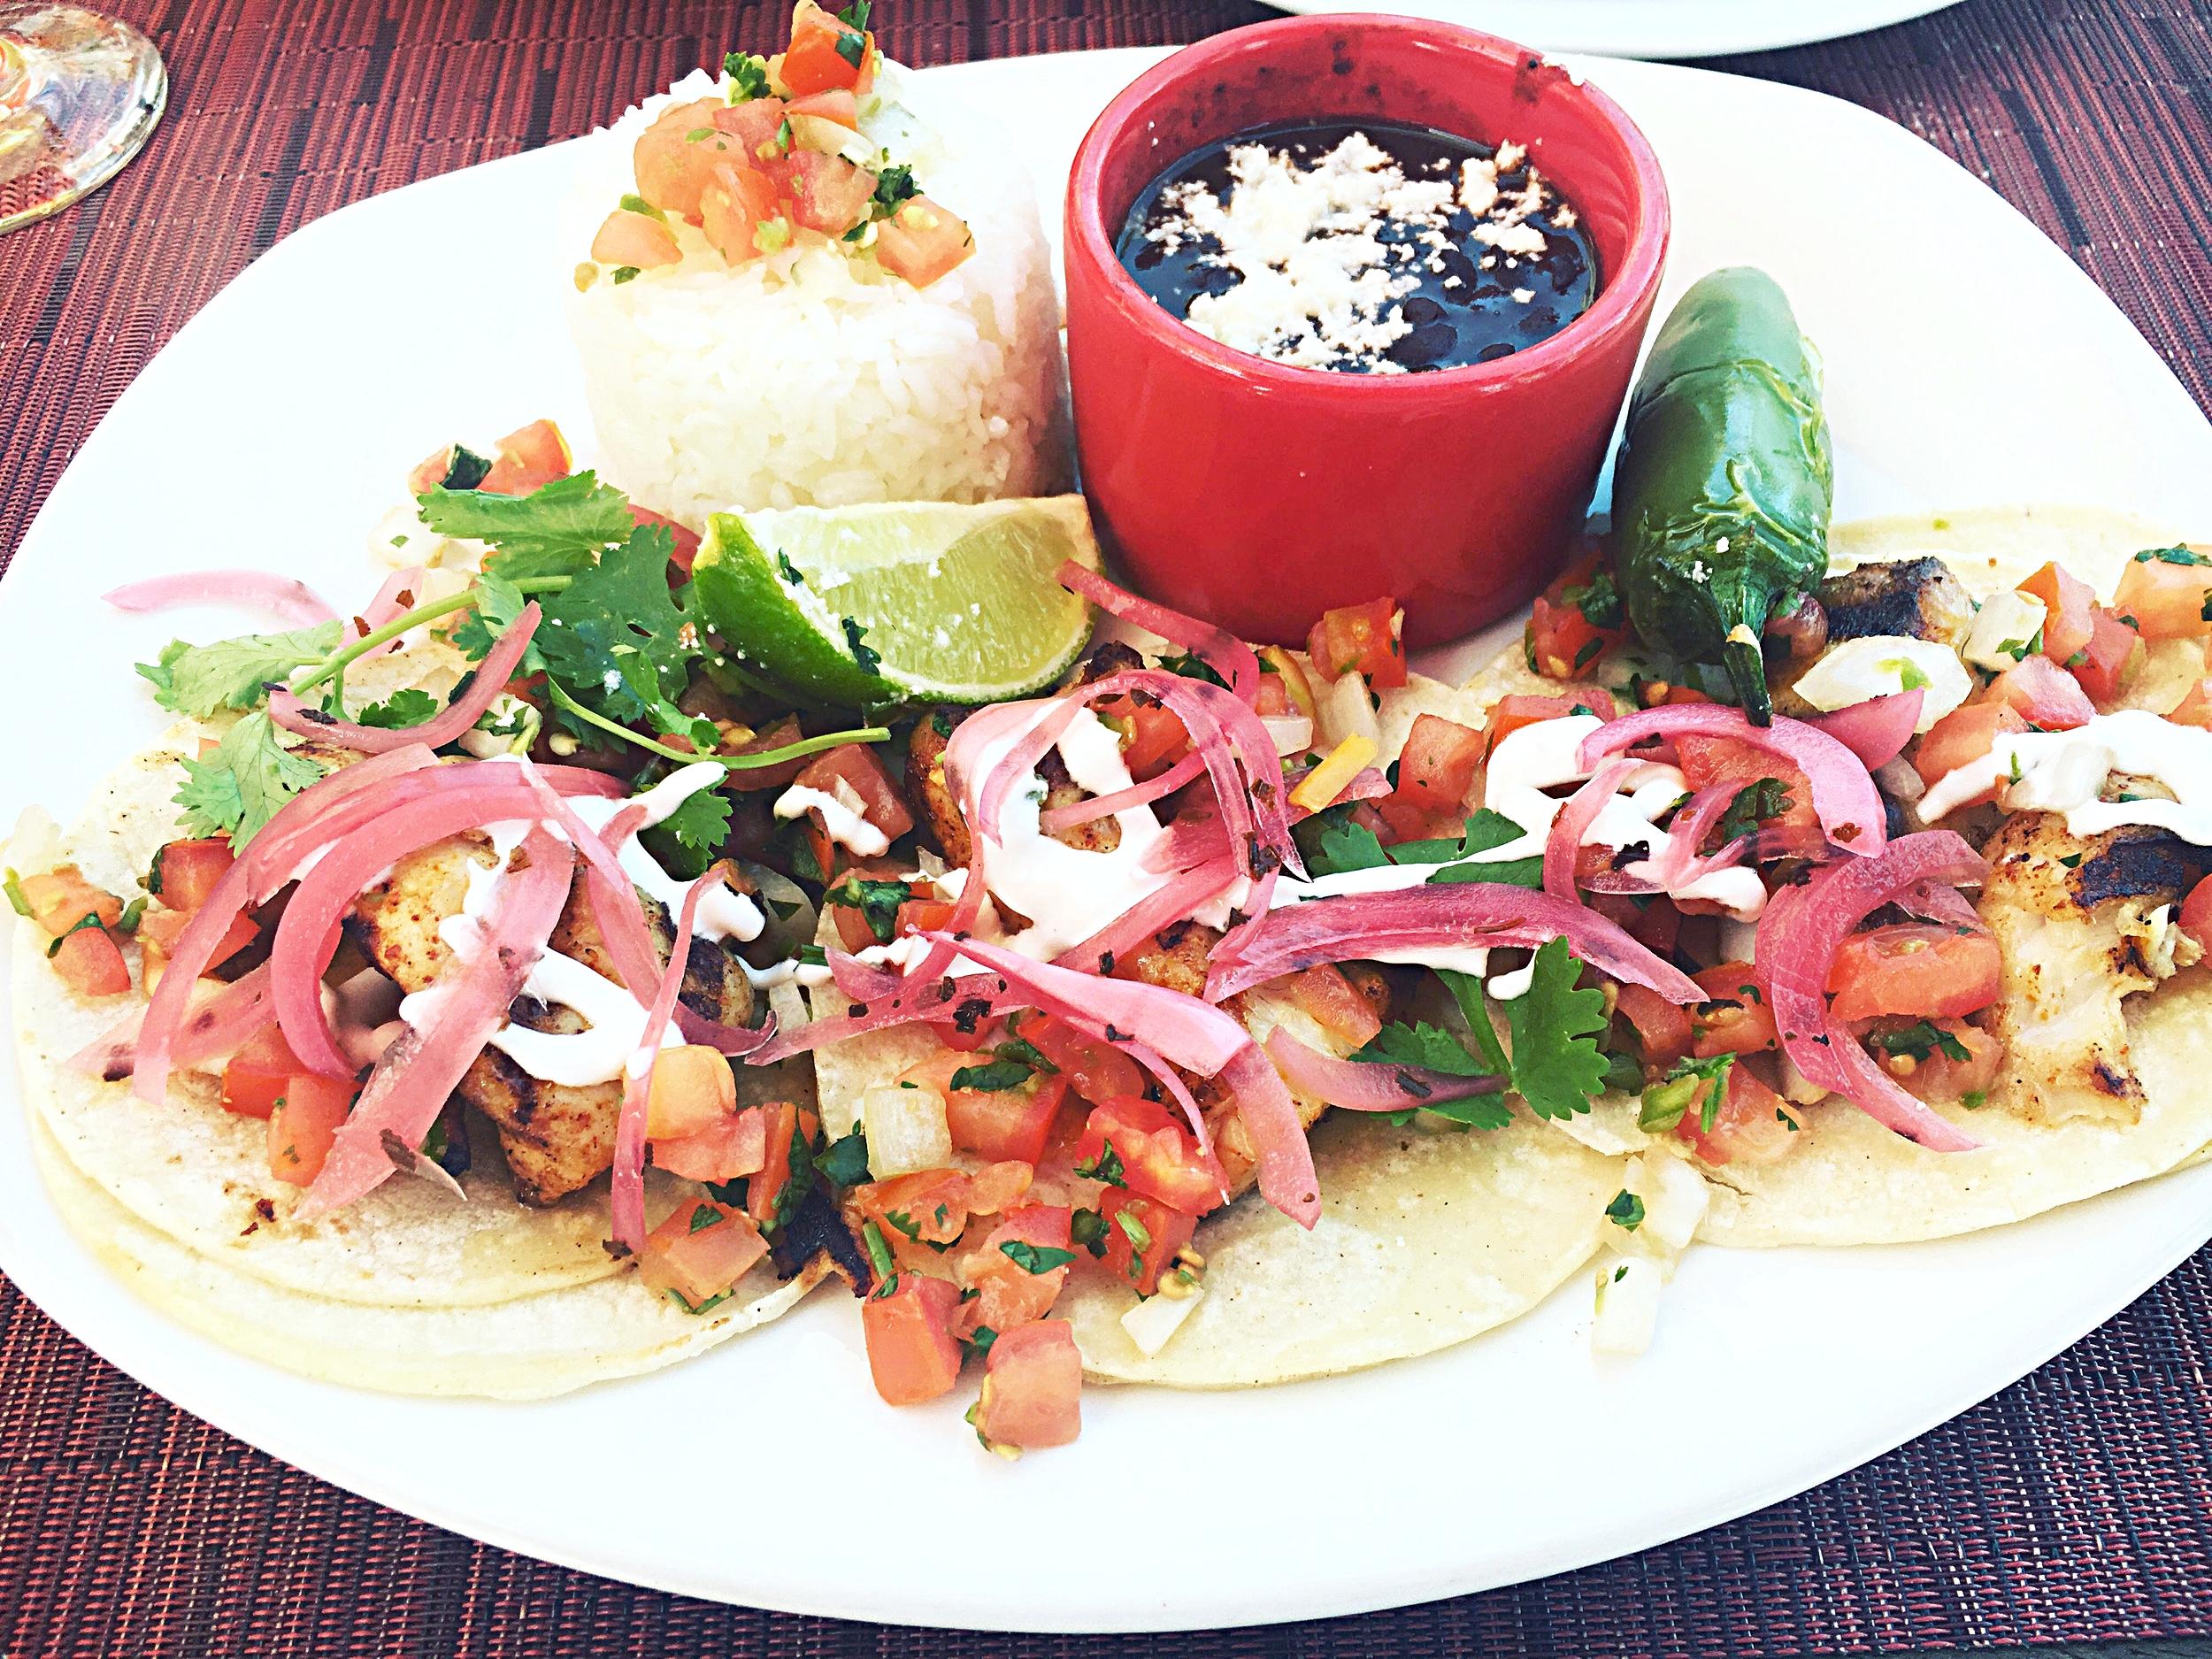 Tacos at Fuego's - Hotel Maya - Long Beach